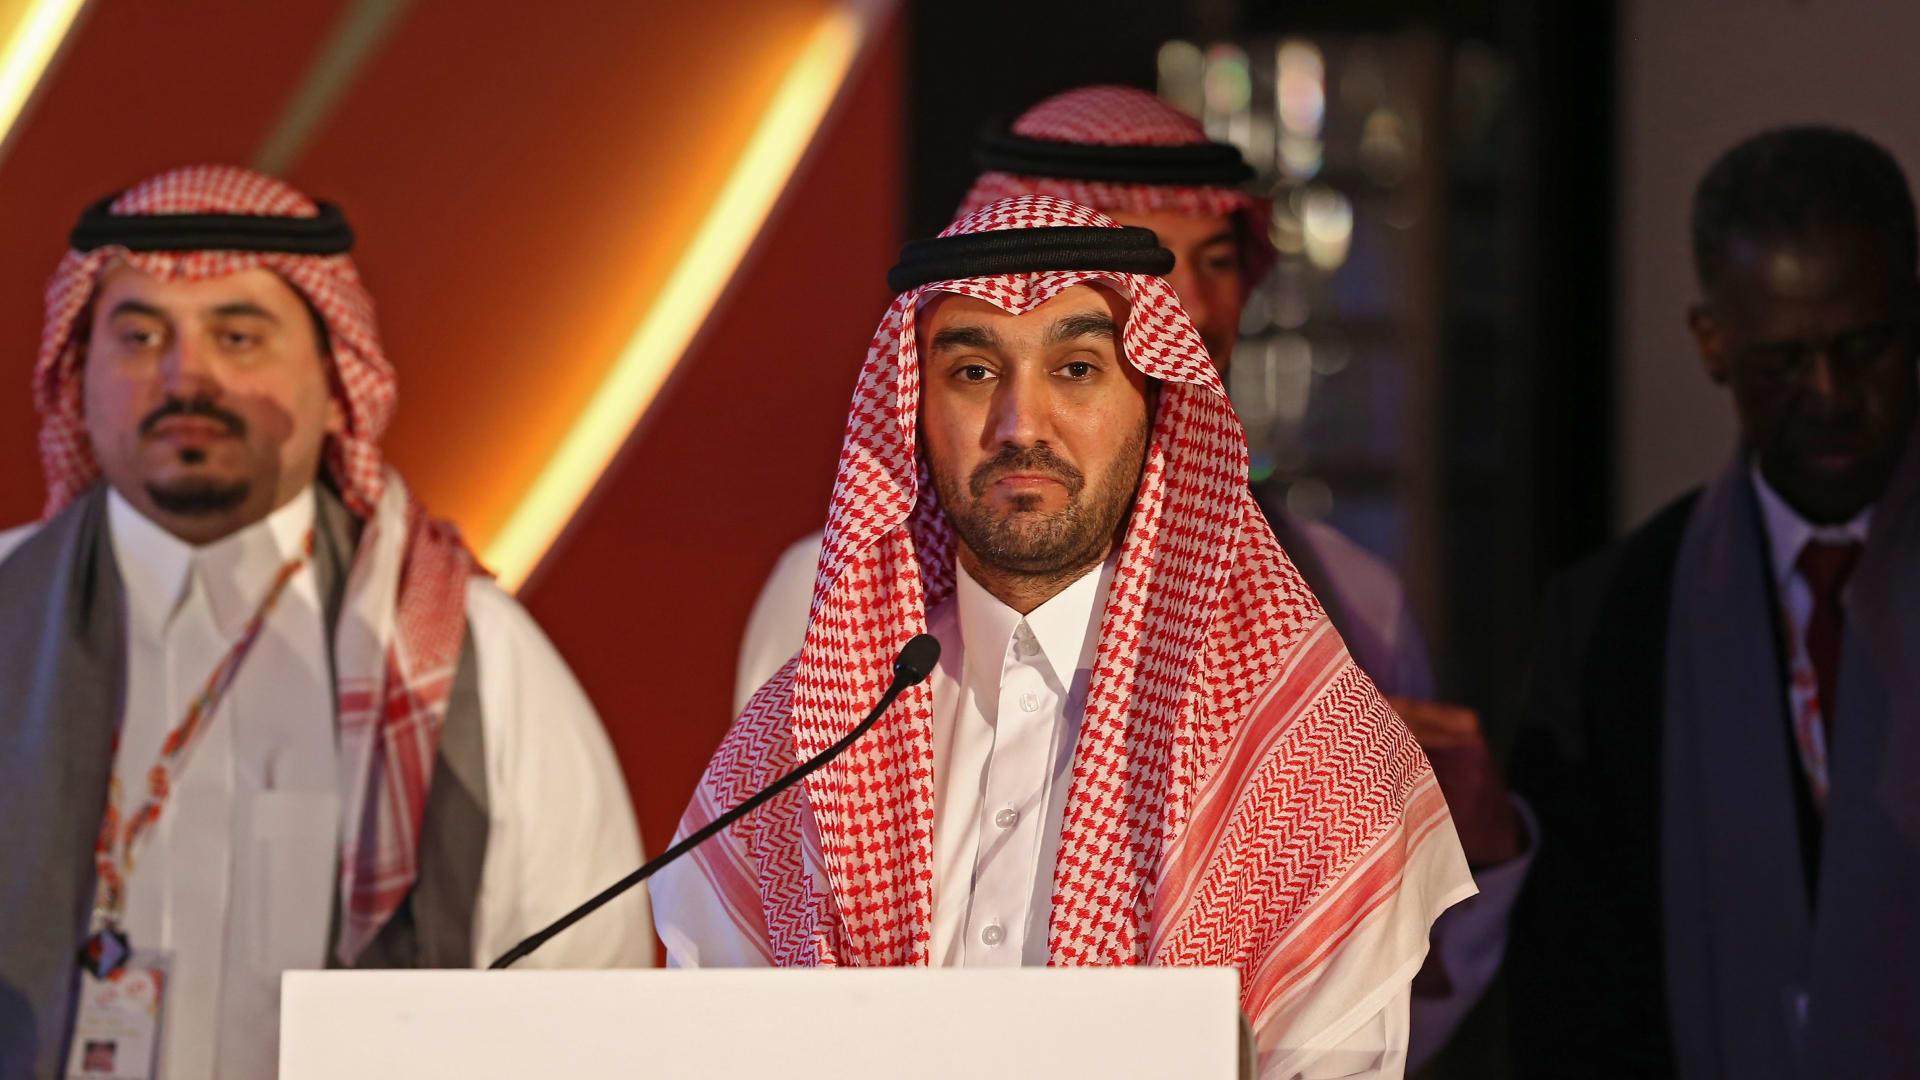 """وزير الرياضة السعودي يشجع """"الأخضر"""" بين الجماهير من المدرجات.. هكذا جاءت التعليقات"""